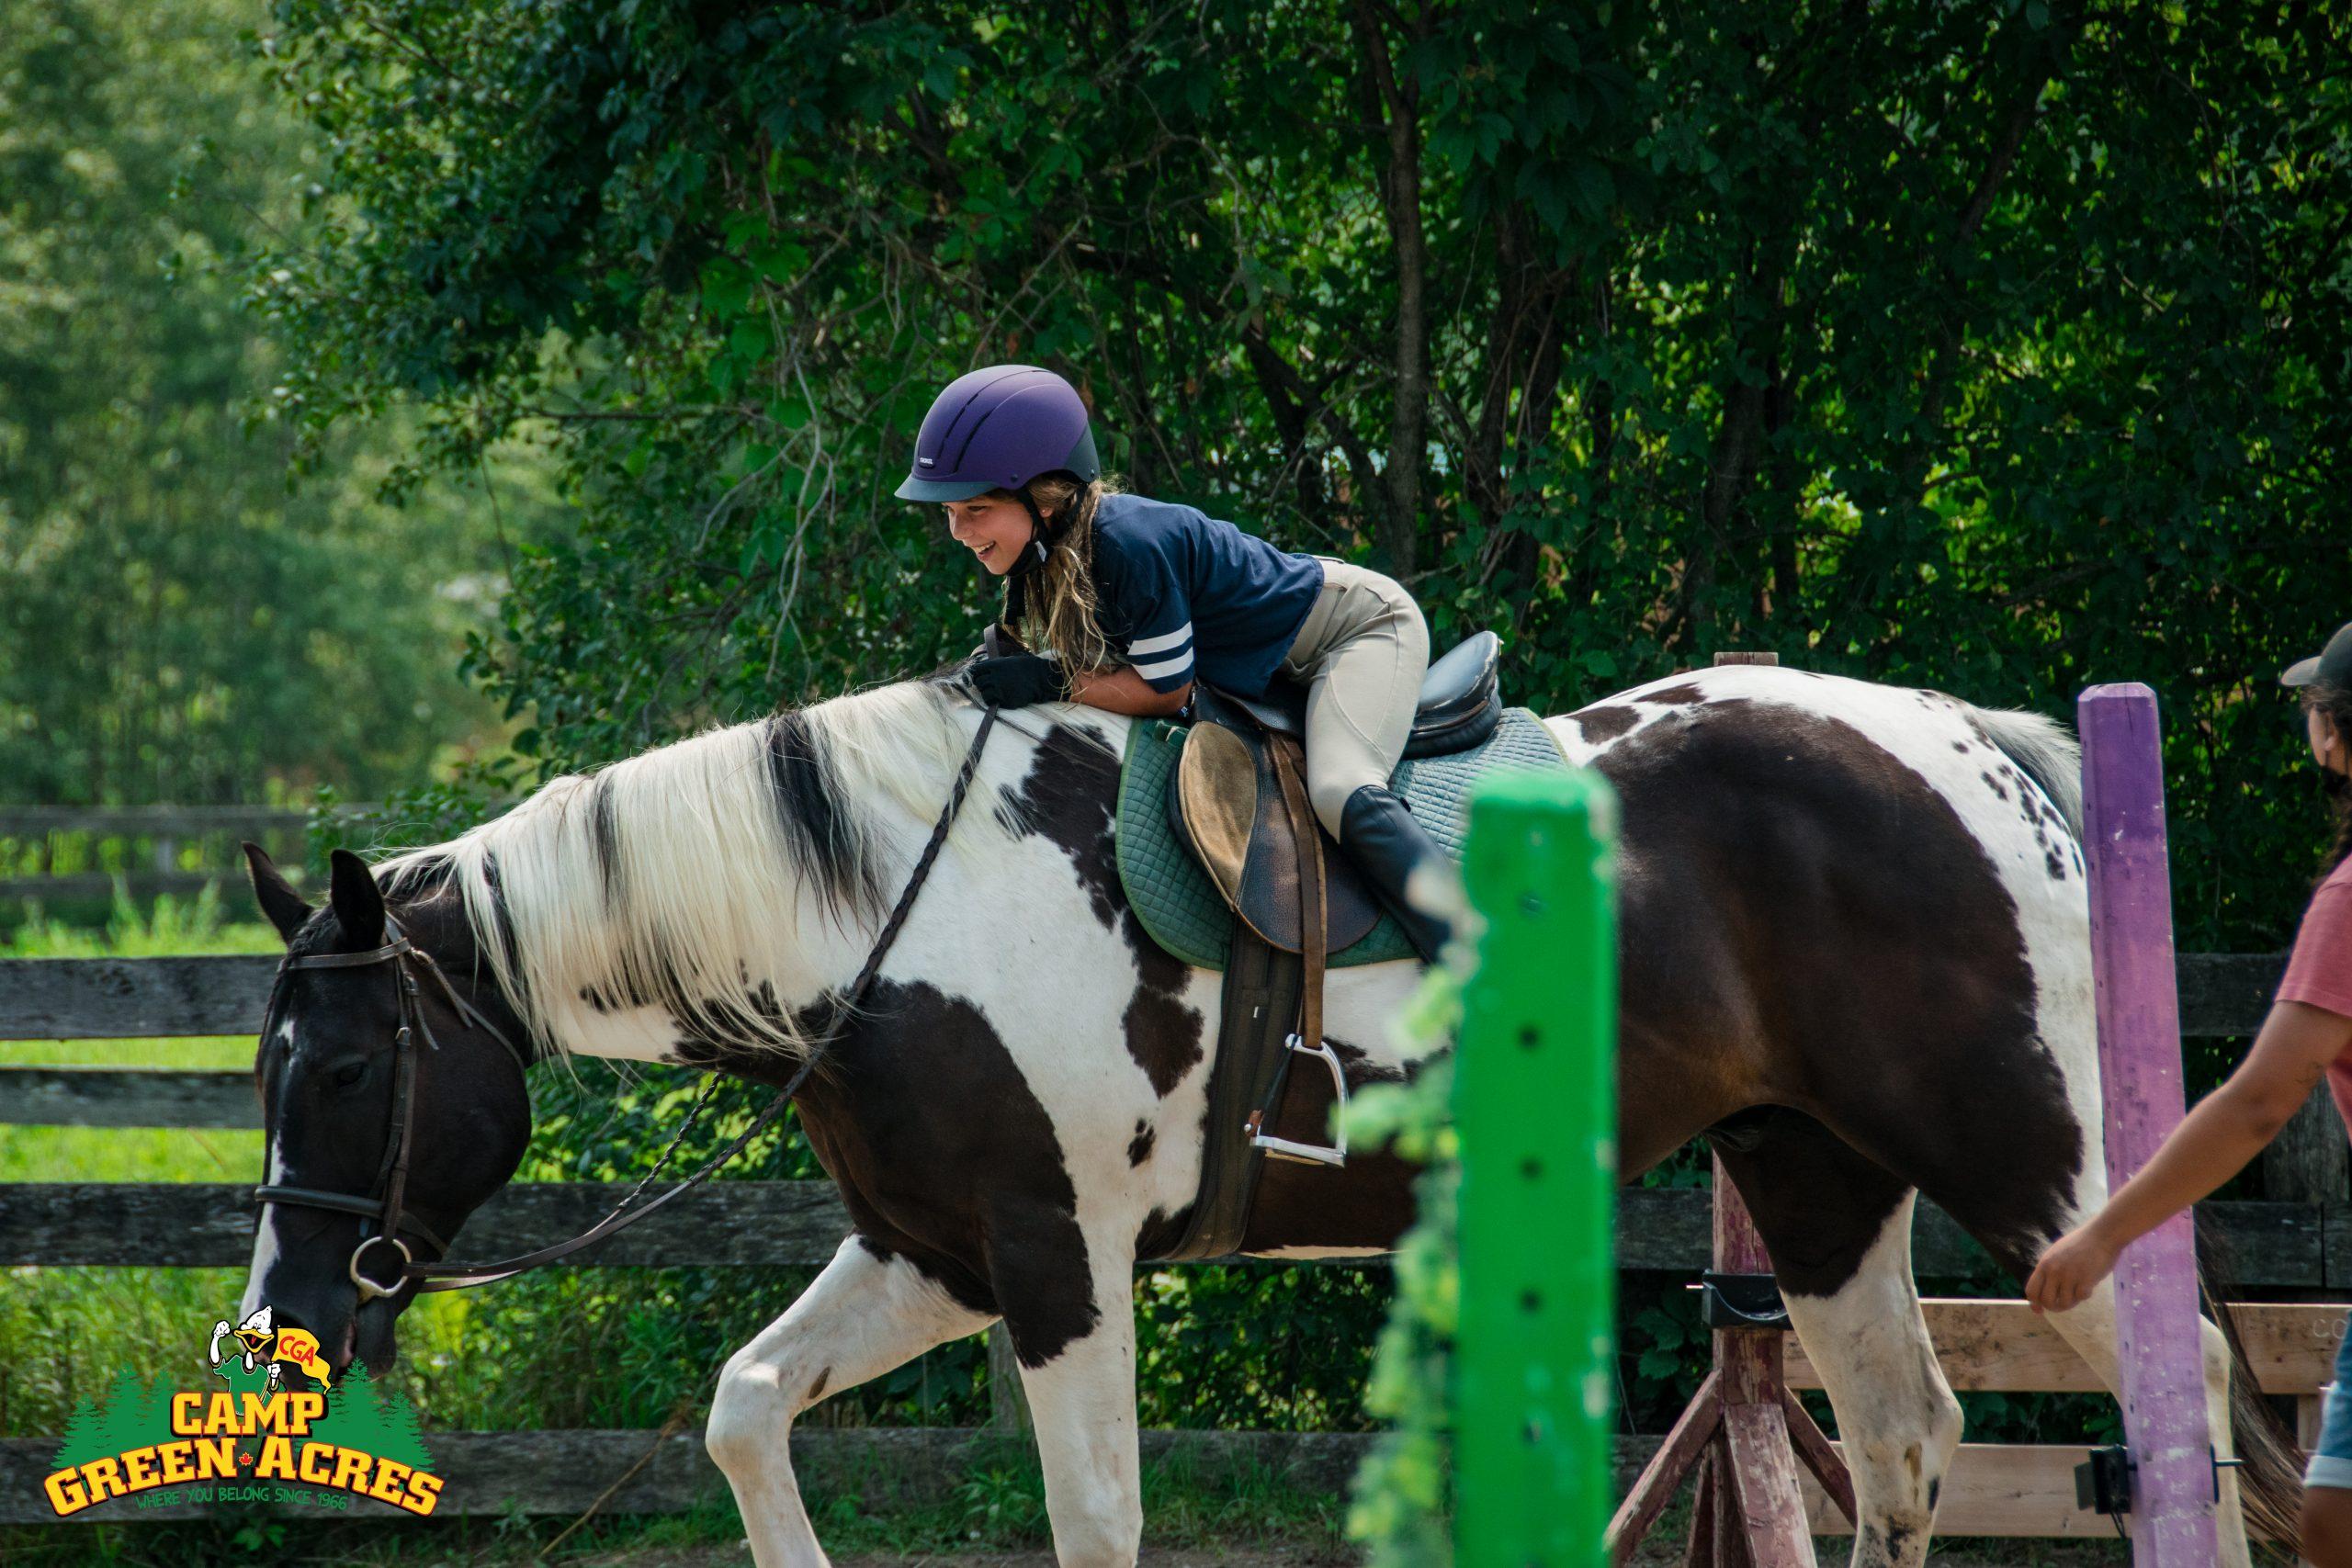 Week 6 Cedar Creek (August 9-13)